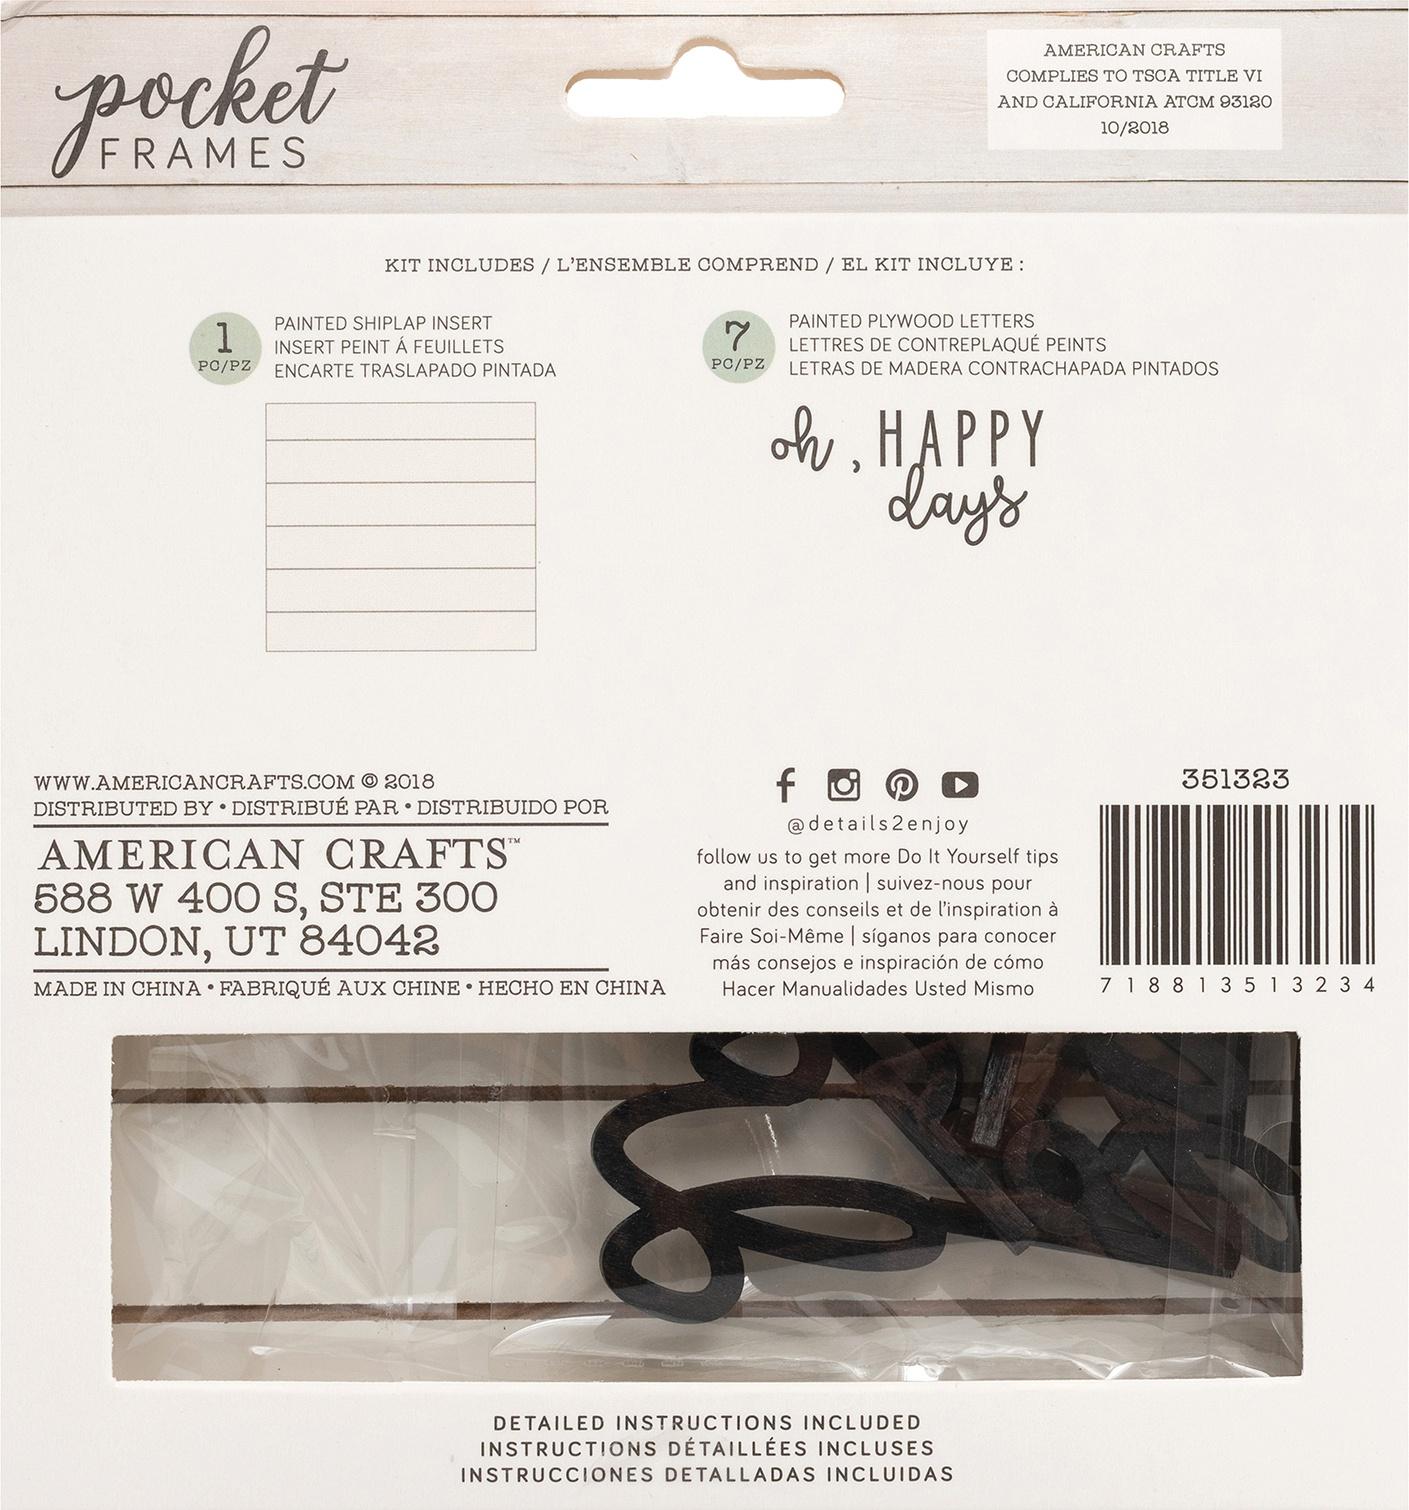 American Crafts Pocket Frames Insert Kit 6X5.5 8/Pkg-Oh Happy Days W/Insert